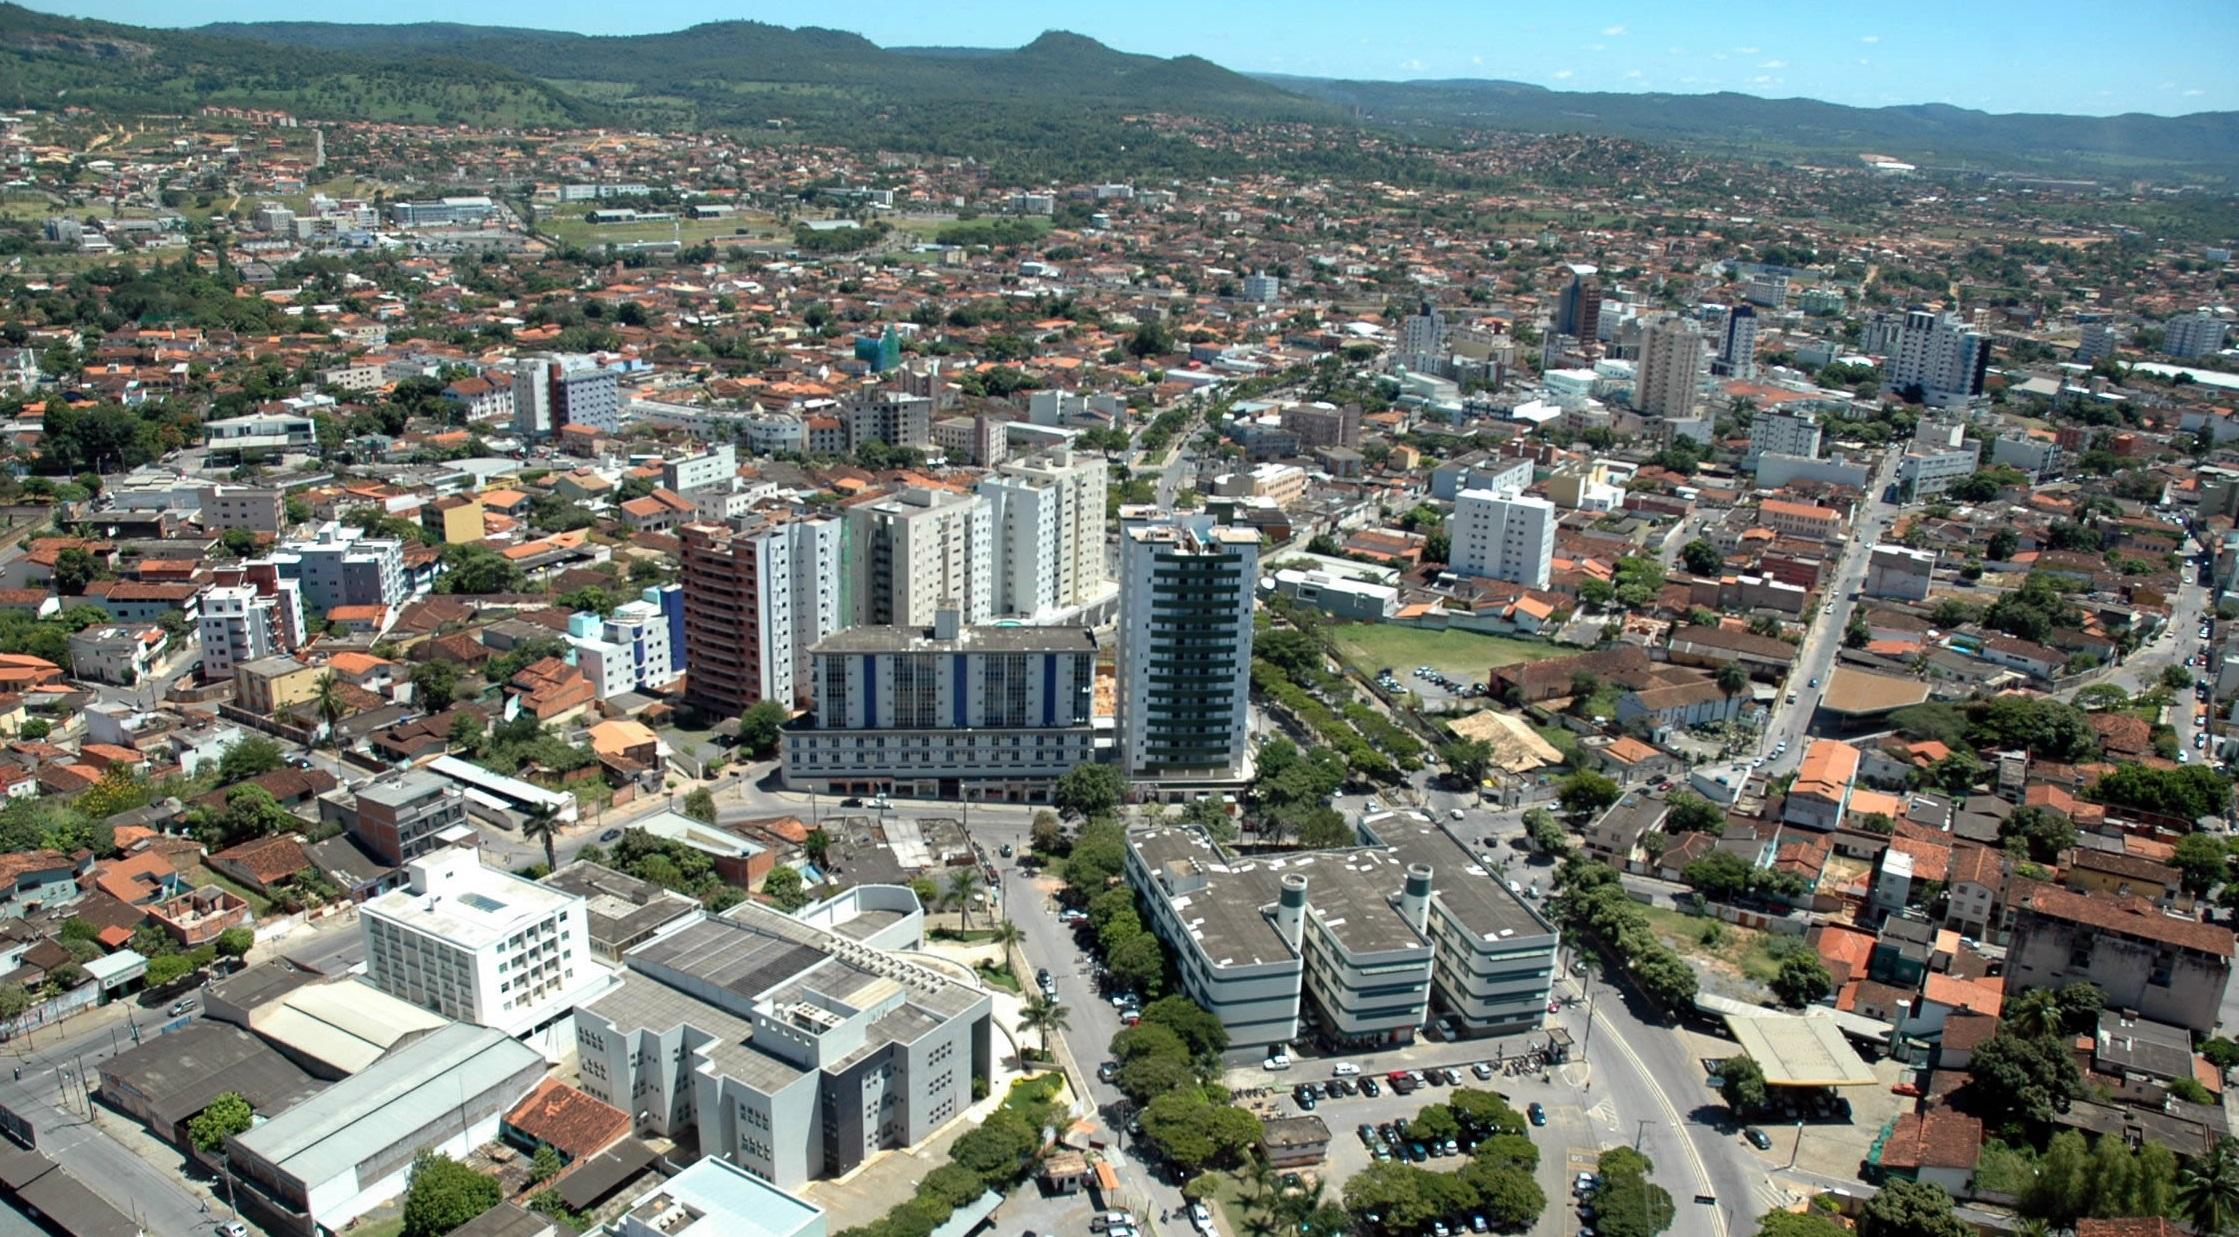 Imagem de destaque Prefeitura adota novas medidas de enfrentamento à Covid-19